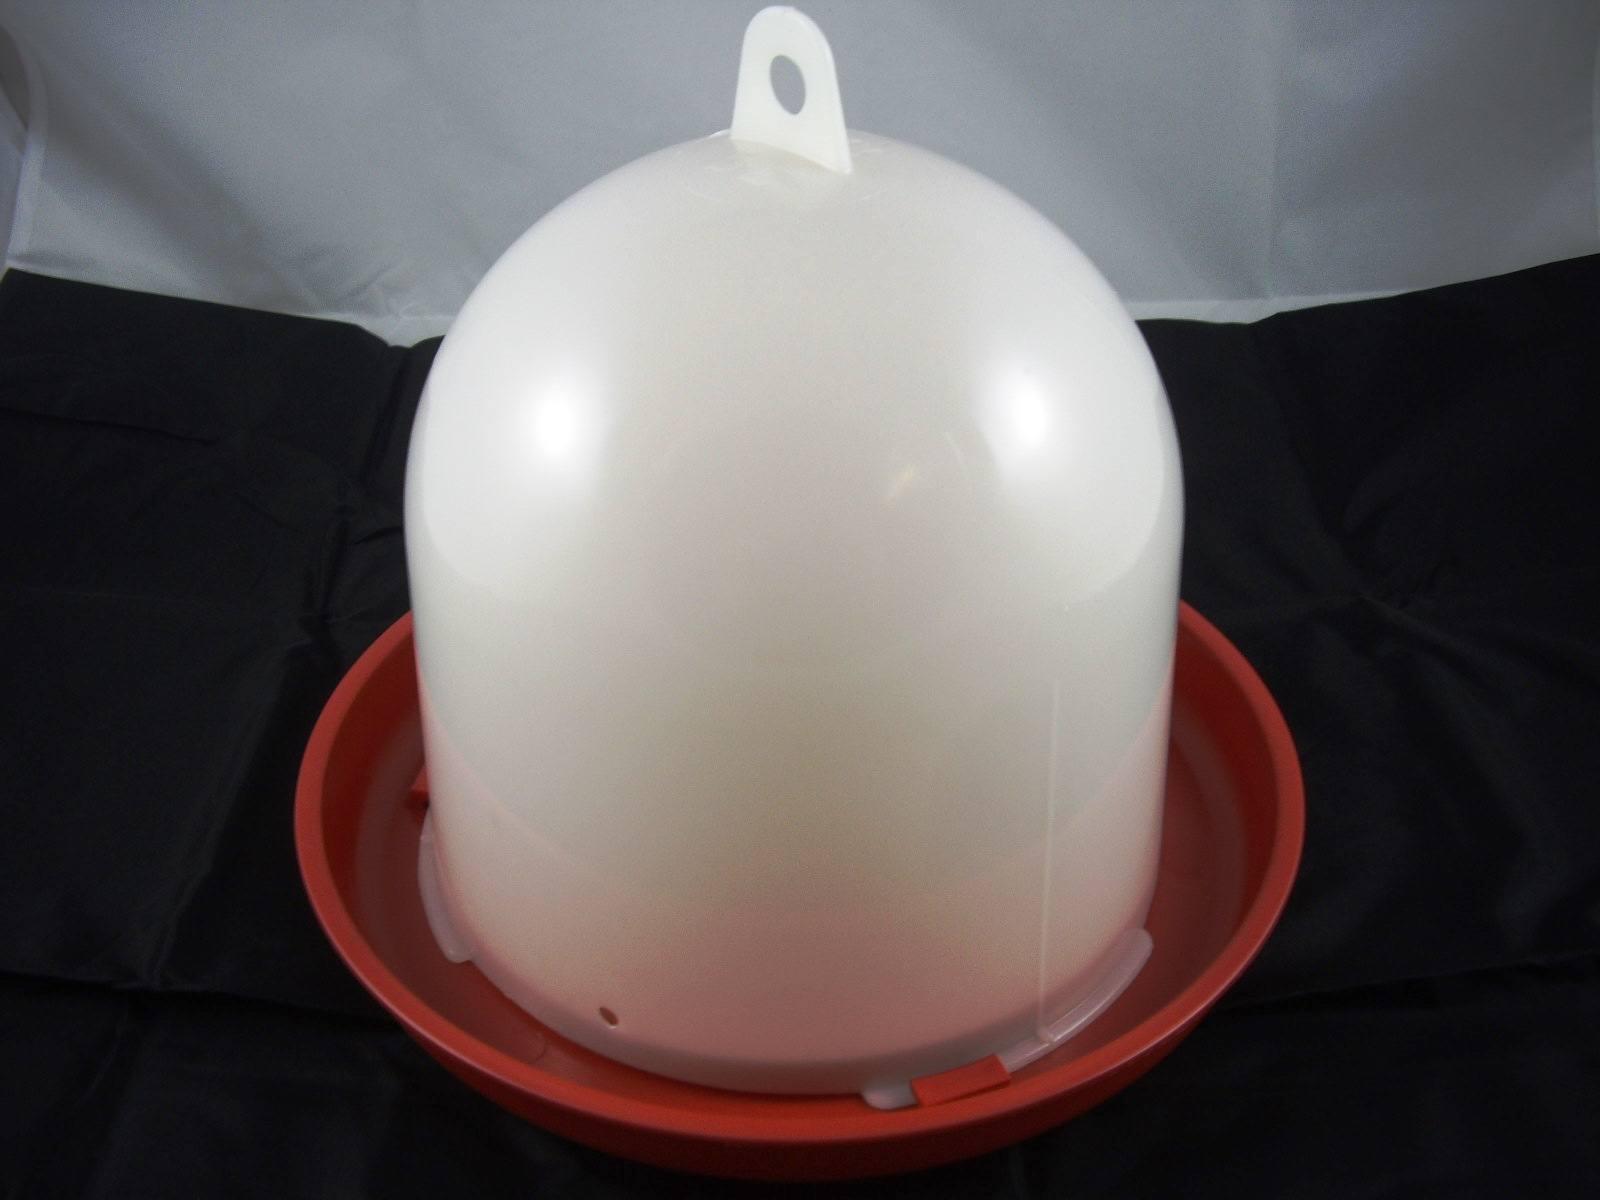 Geflügeltränke 12 l mit Bajonettverschluss rot Hühner Geflügel Tränke